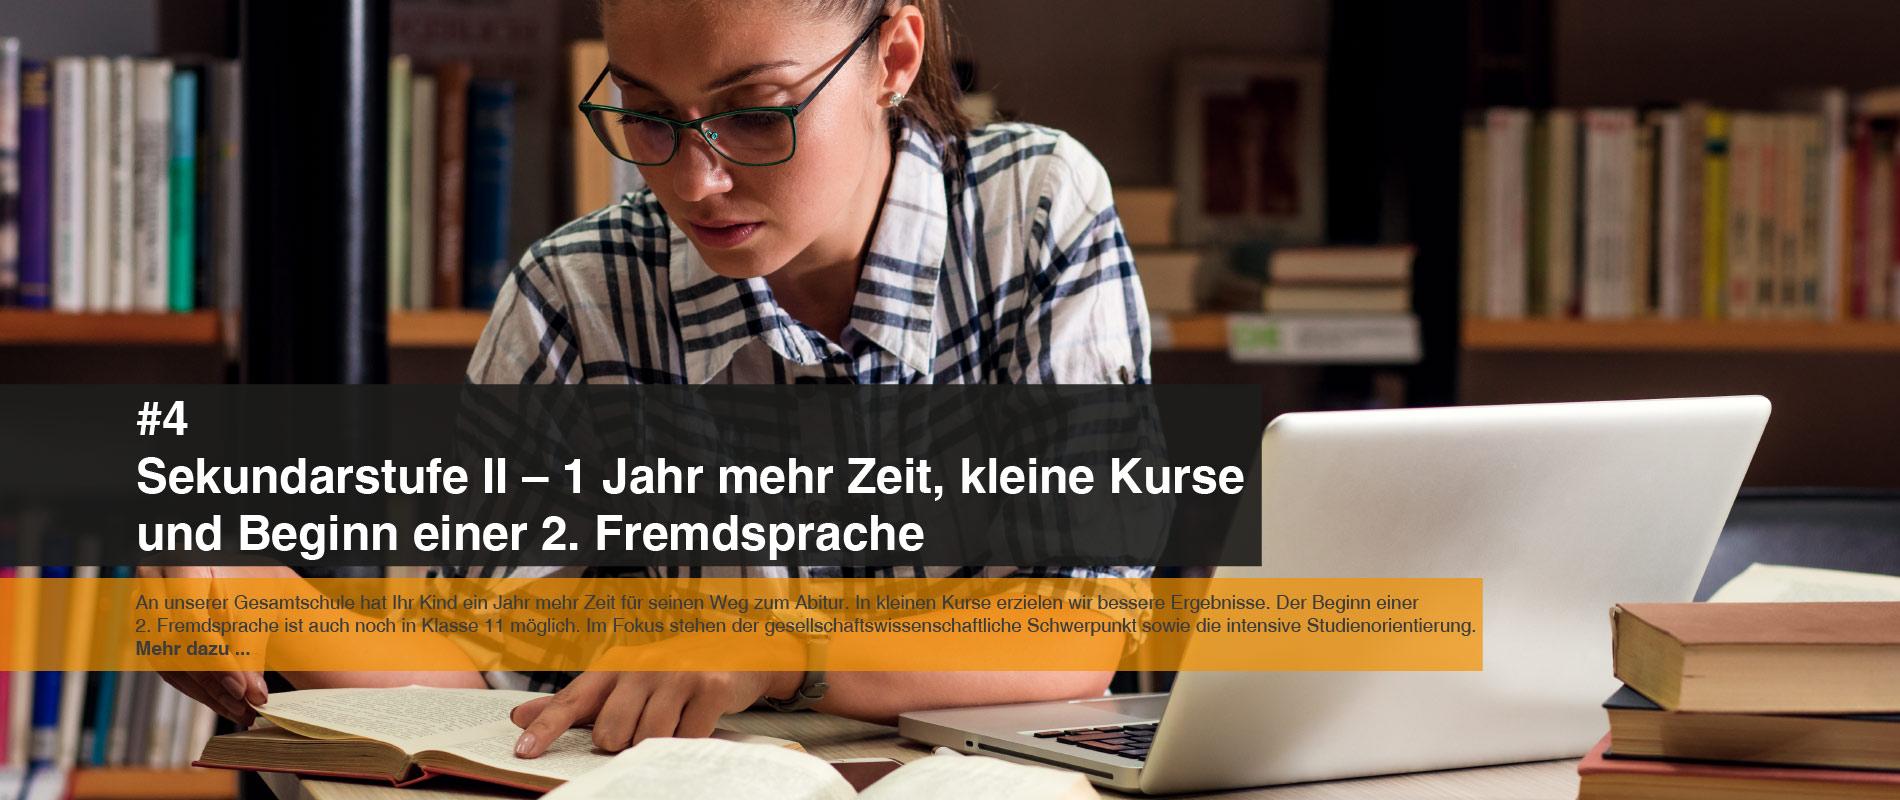 Gesamtschule Woltersdorf der FAWZ gGmbH_#4 Studienorientierte Sekundarstufe II